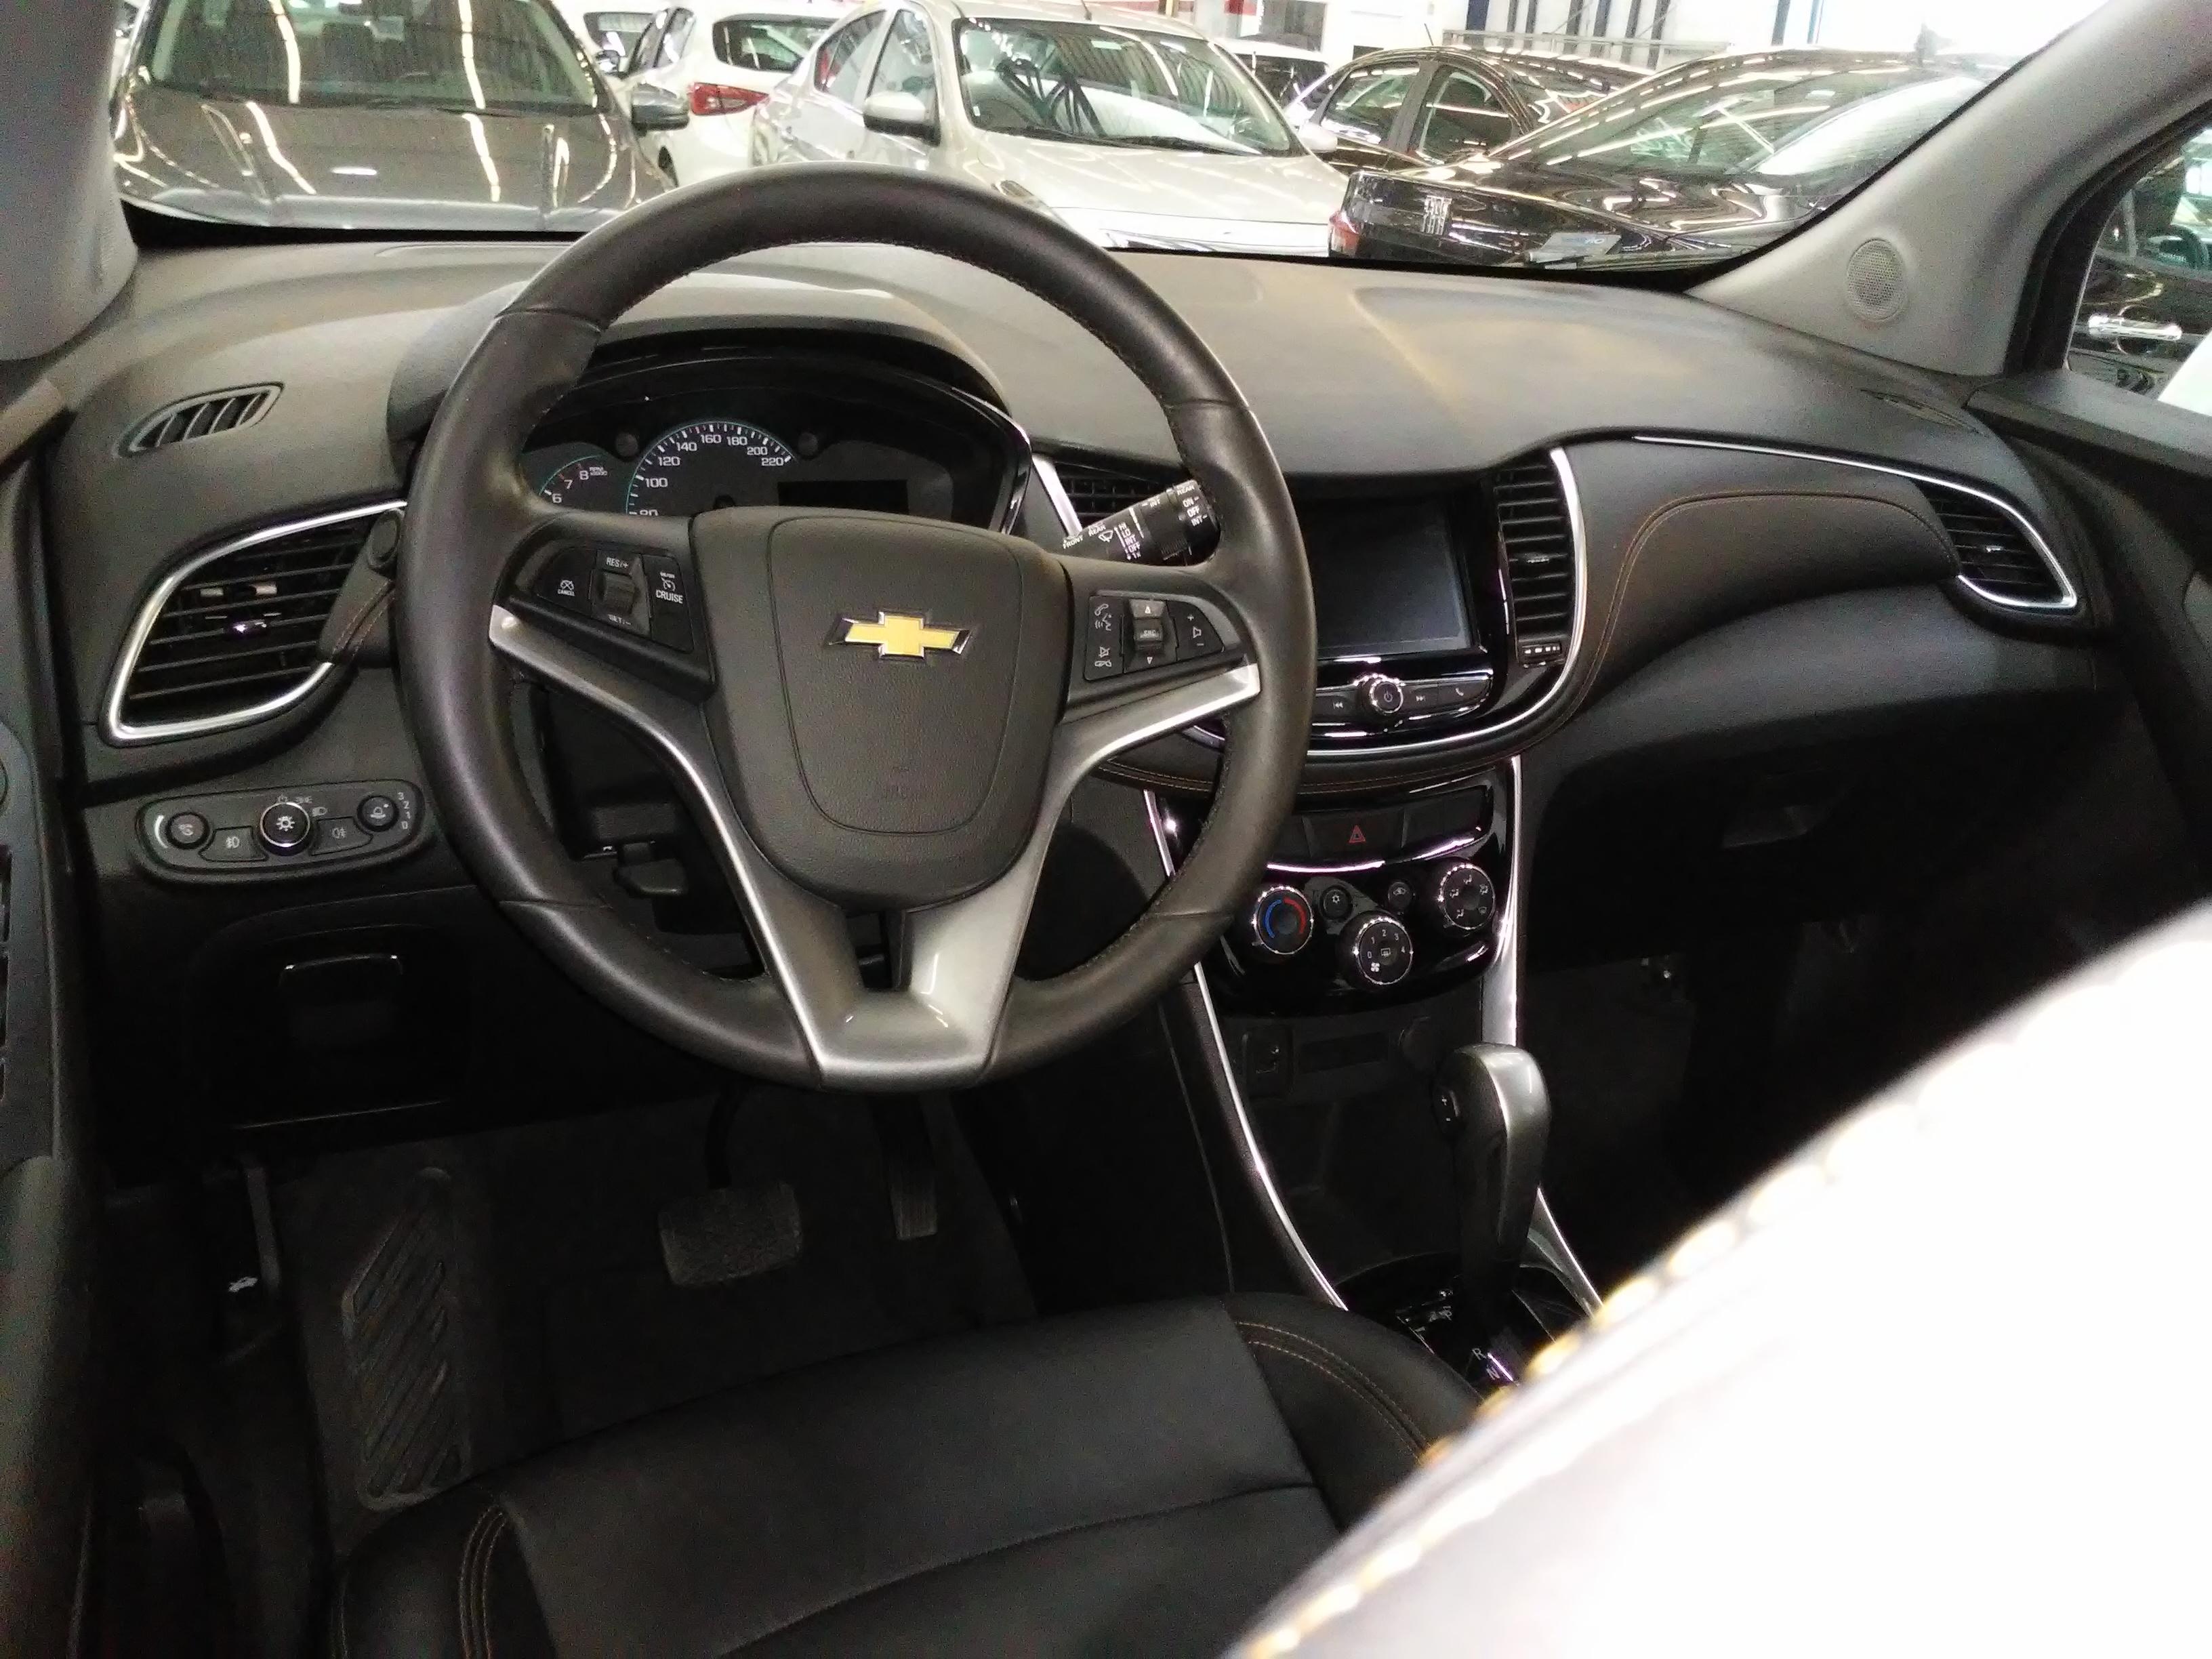 1.4 16V Turbo LTZ